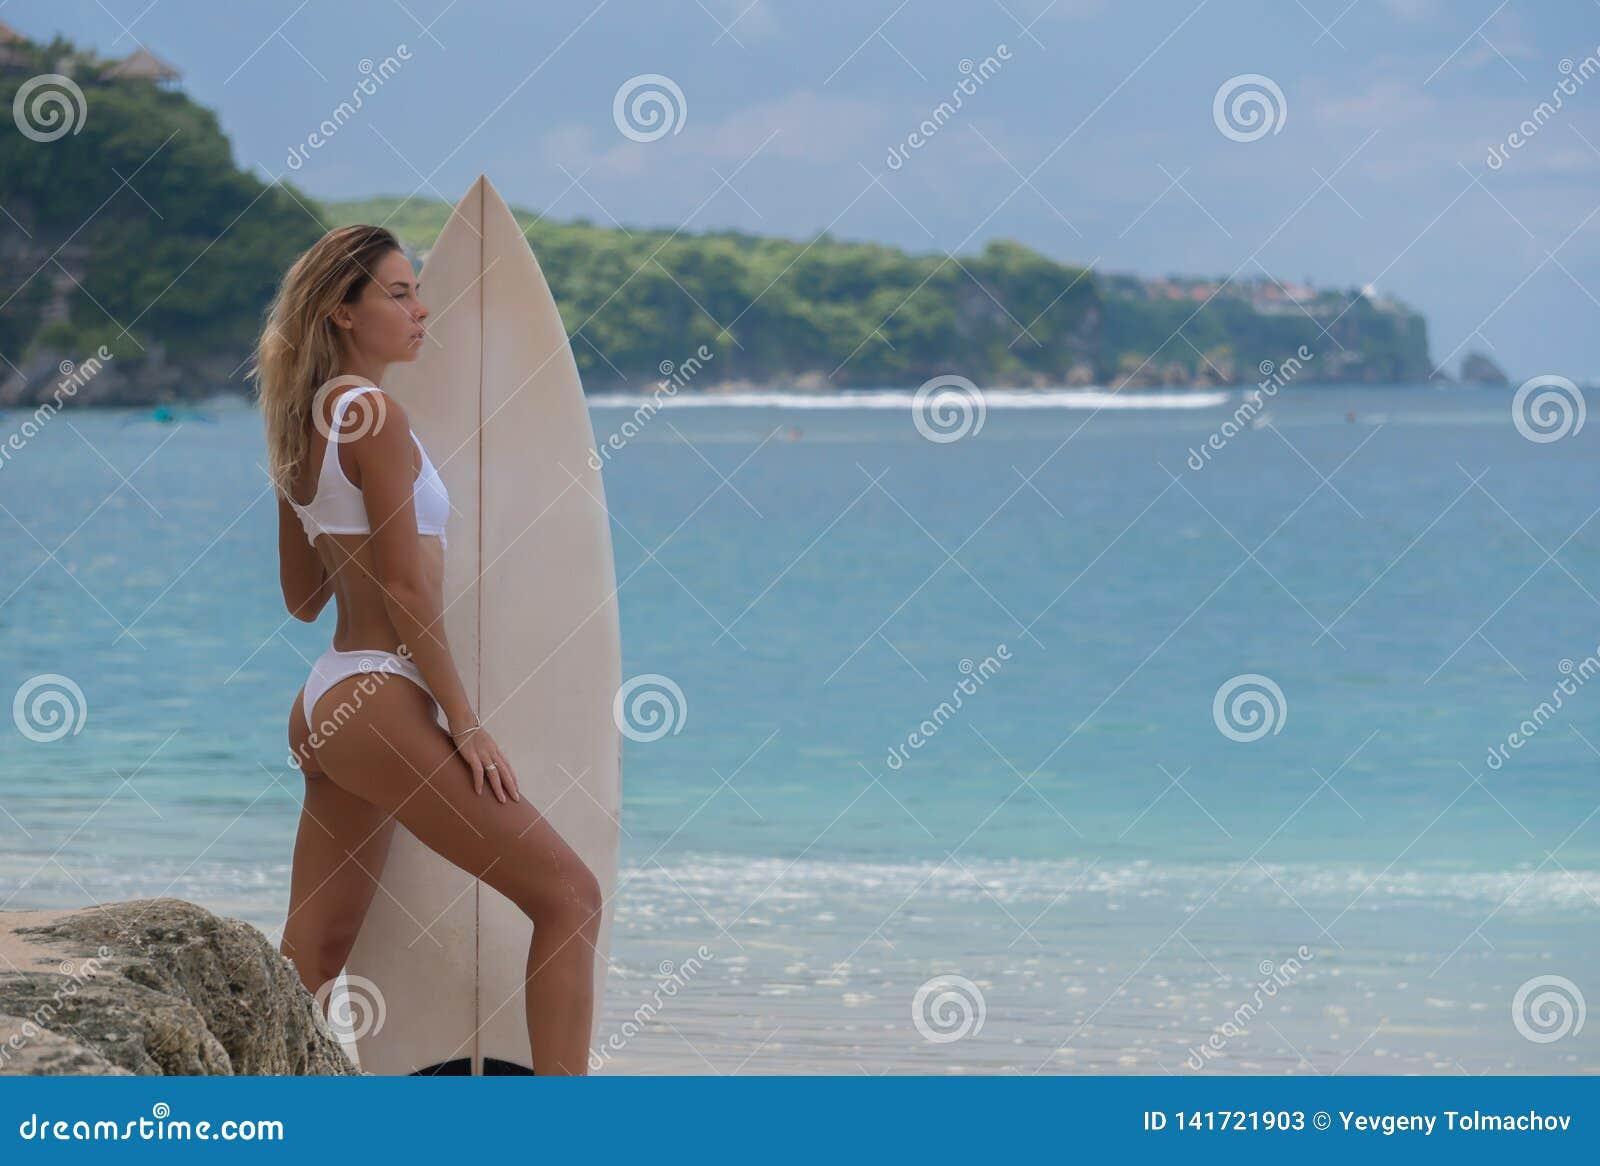 Schlanke junge Frau steht seitlich zur Kamera, das Holdingbrett, bereit zu surfen